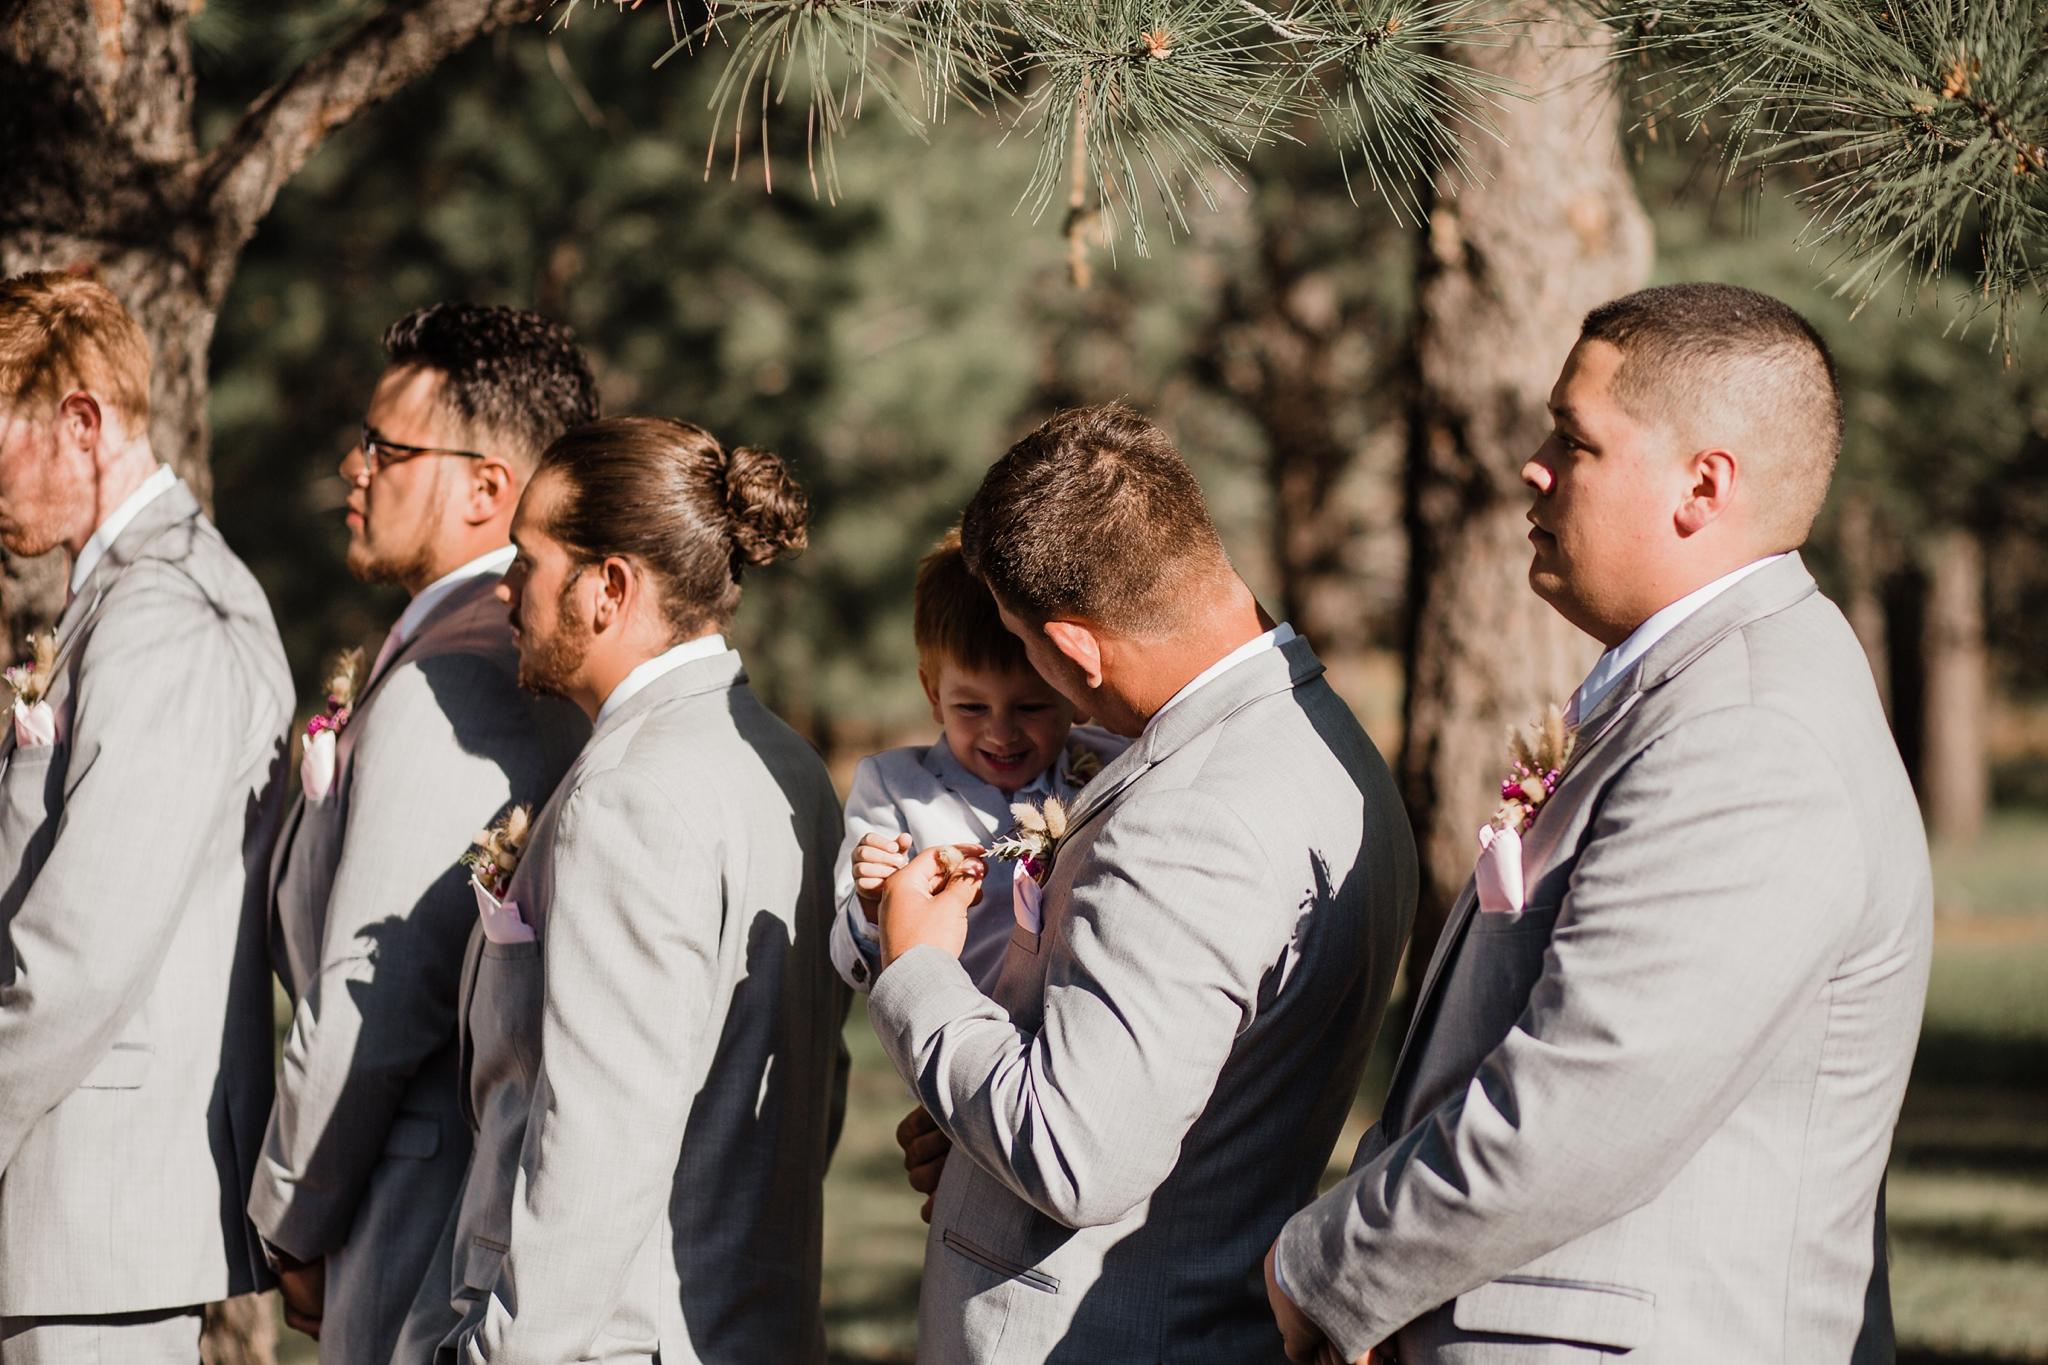 Alicia+lucia+photography+-+albuquerque+wedding+photographer+-+santa+fe+wedding+photography+-+new+mexico+wedding+photographer+-+new+mexico+wedding+-+new+mexico+wedding+-+barn+wedding+-+enchanted+vine+barn+wedding+-+ruidoso+wedding_0104.jpg